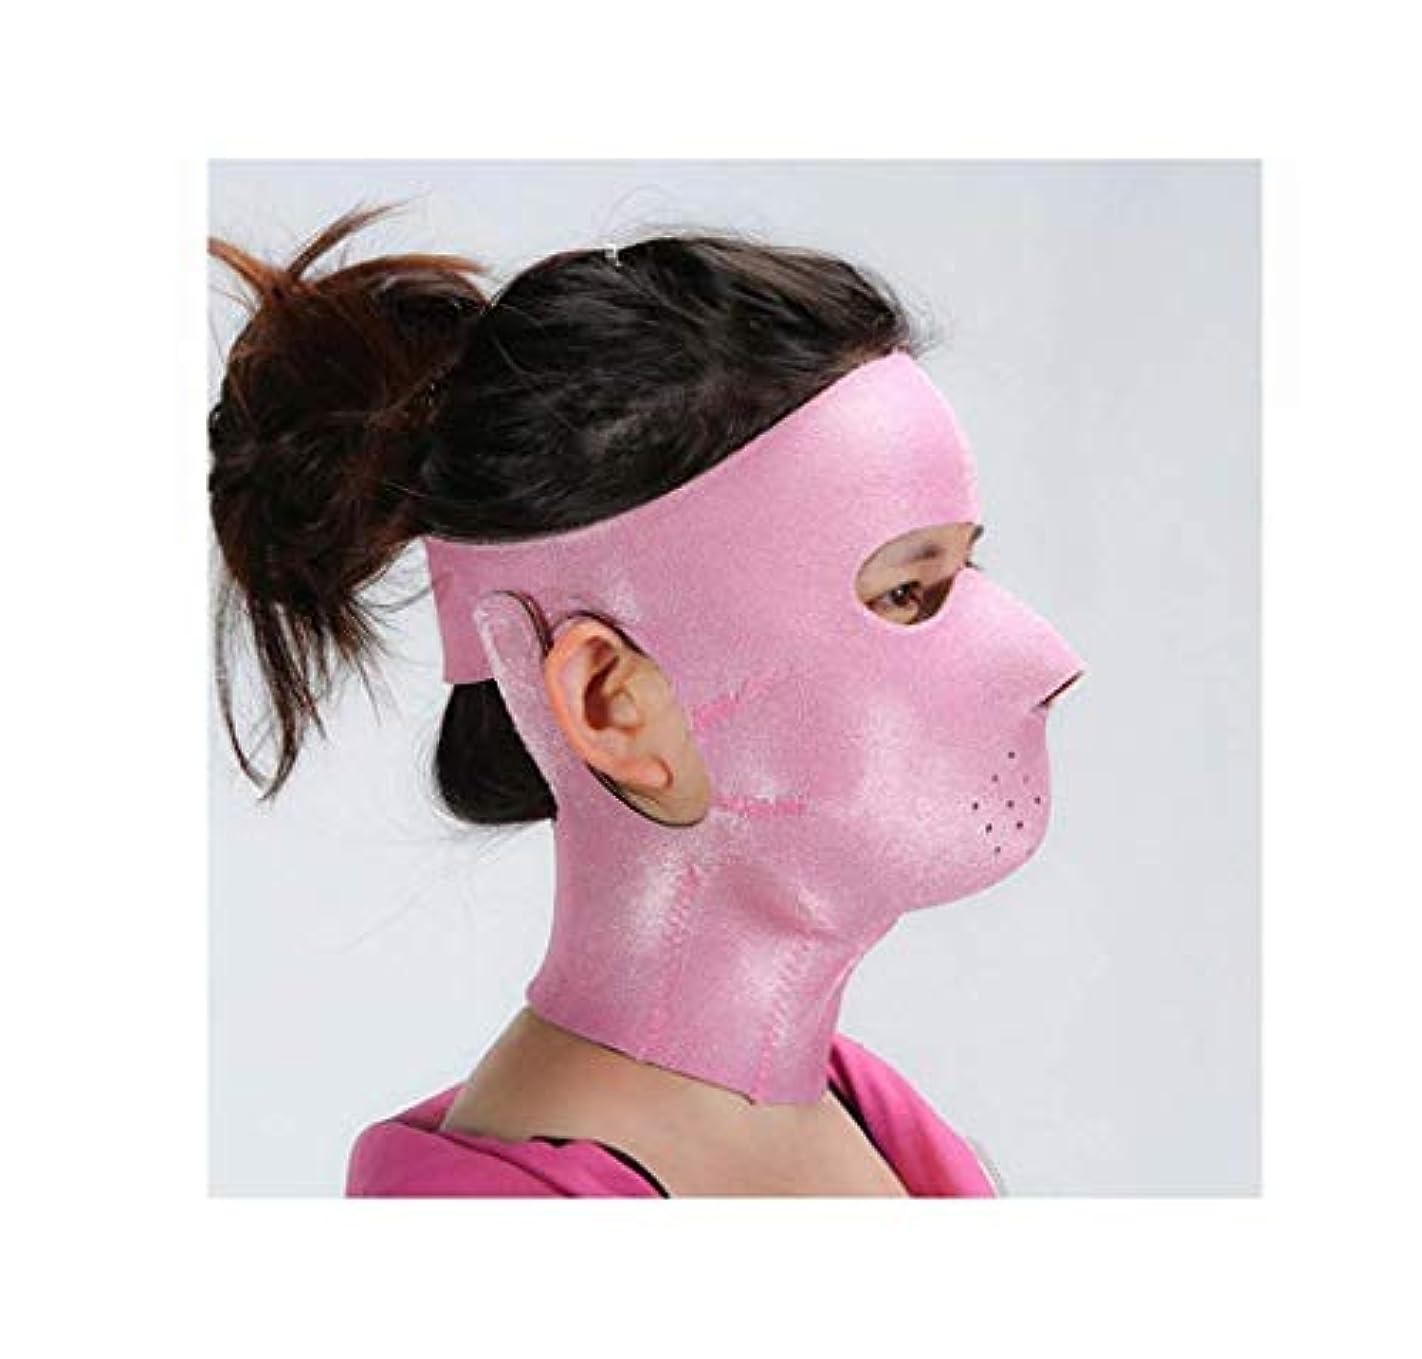 ヘッドレス火薬社員フェイスリフトマスク、フェイシャルマスクプラス薄いフェイスマスクタイトなたるみの薄いフェイスマスクフェイシャル薄いフェイスマスクアーティファクトビューティーネックストラップ付き